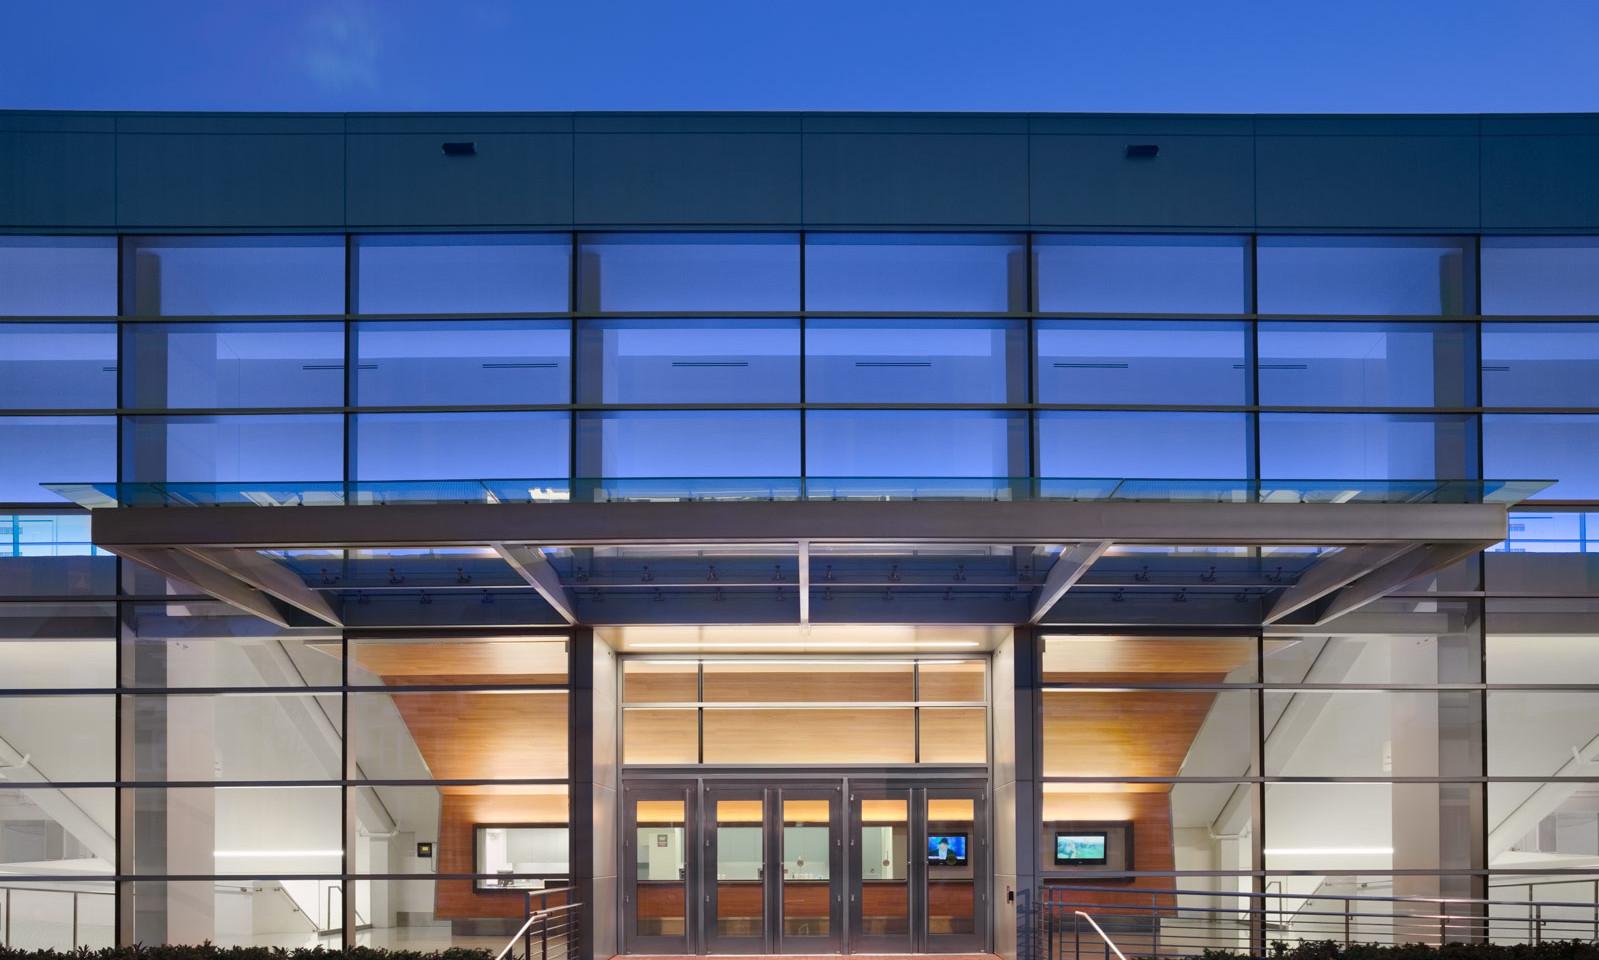 George Washington University Smith Center - Washington, DC